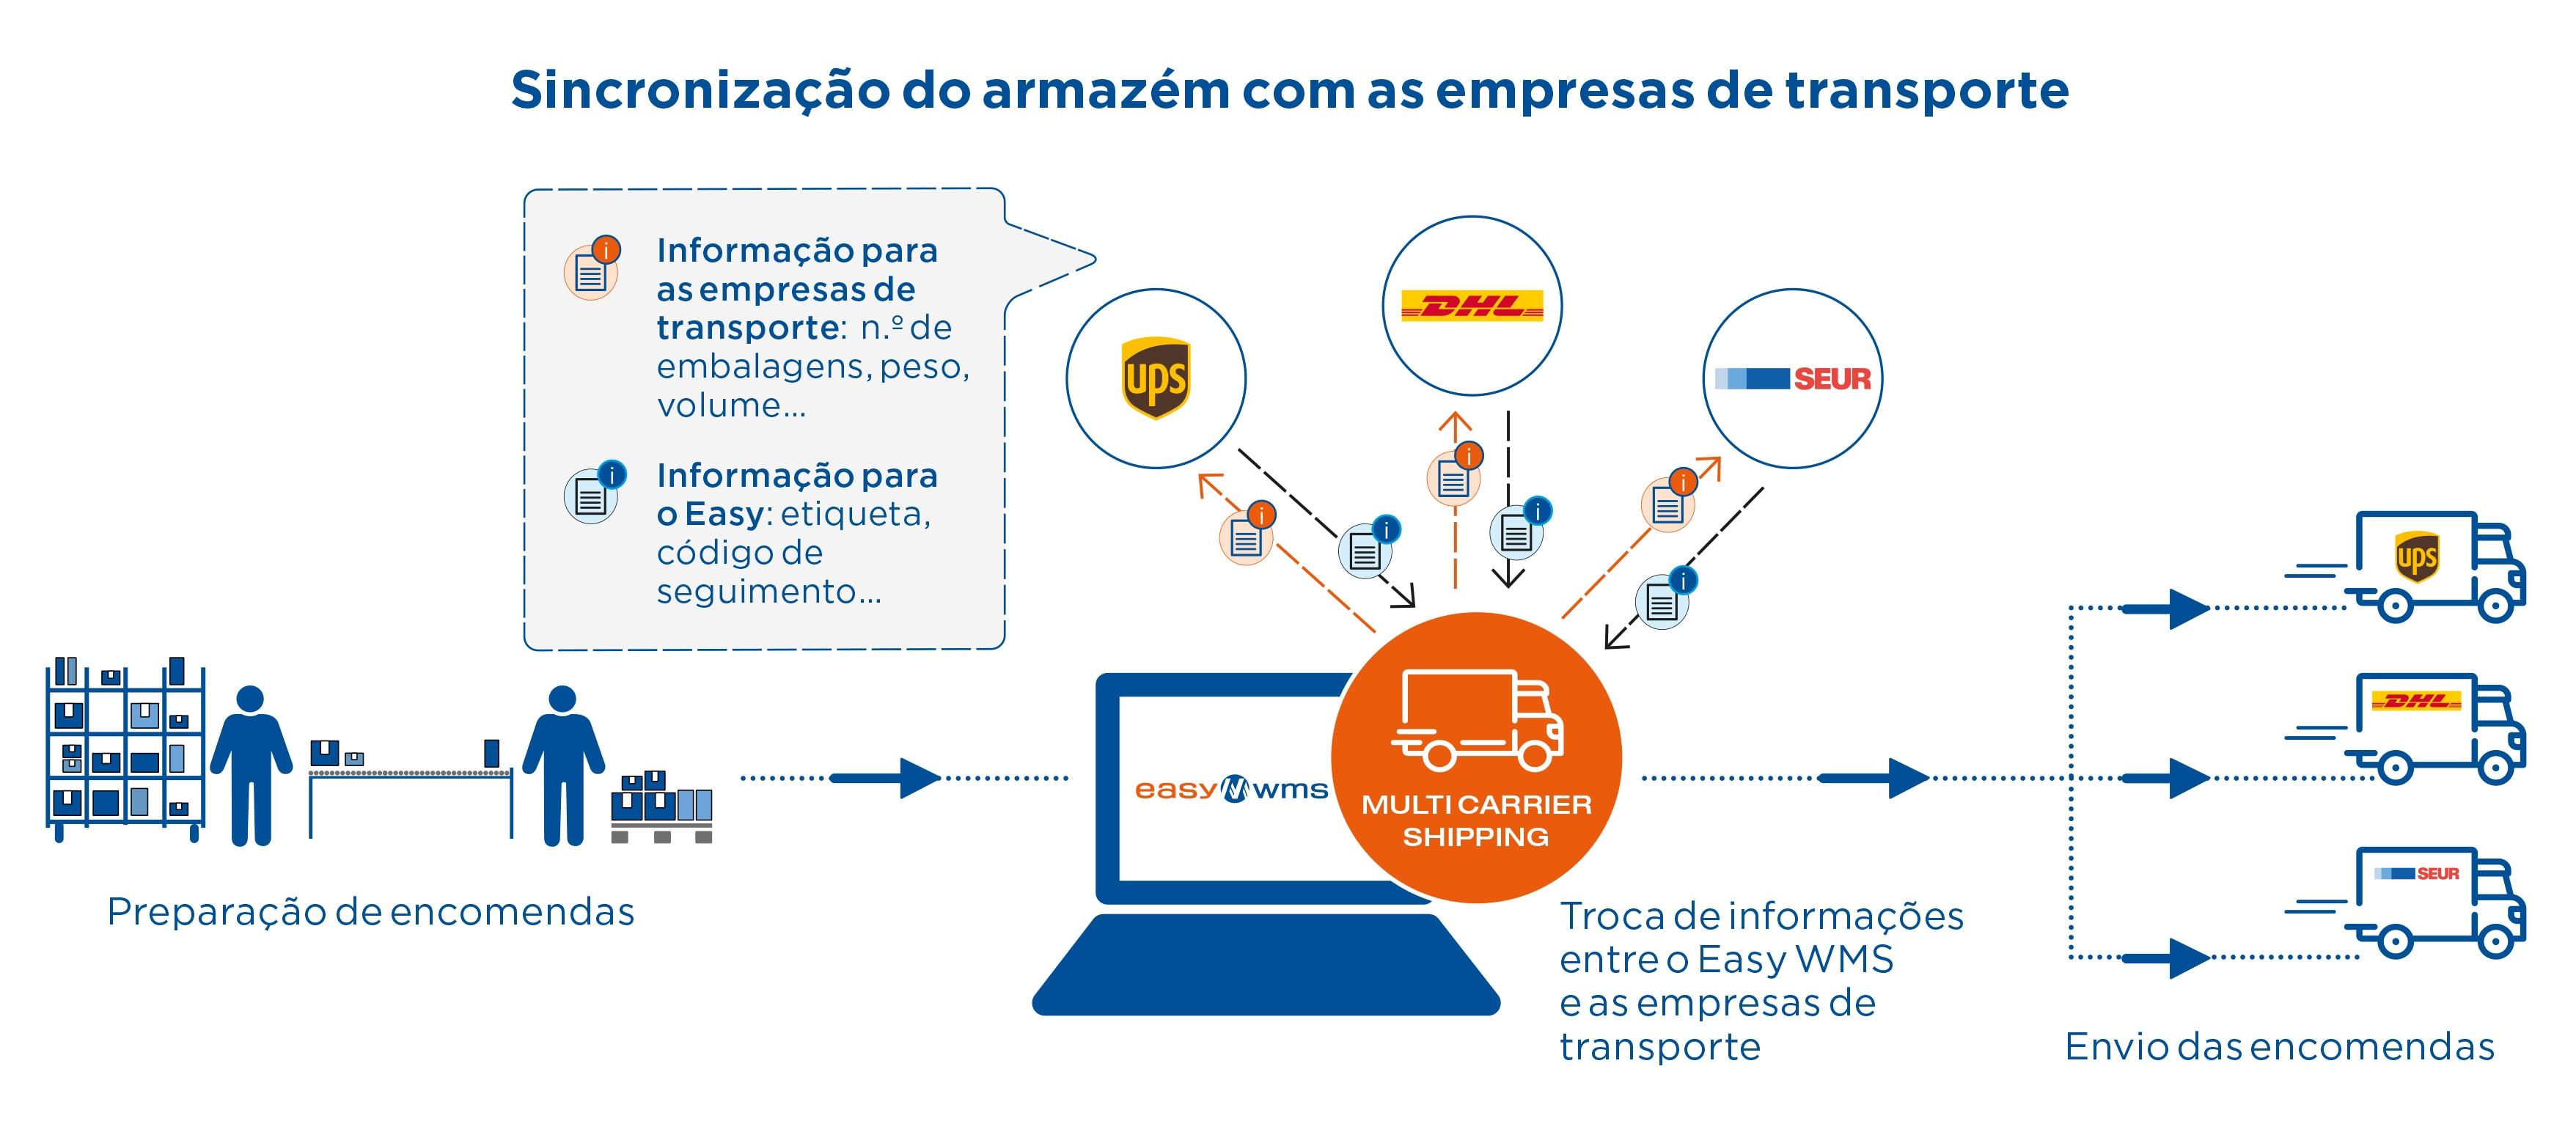 Sincronização do armazém com as empresas de transporte